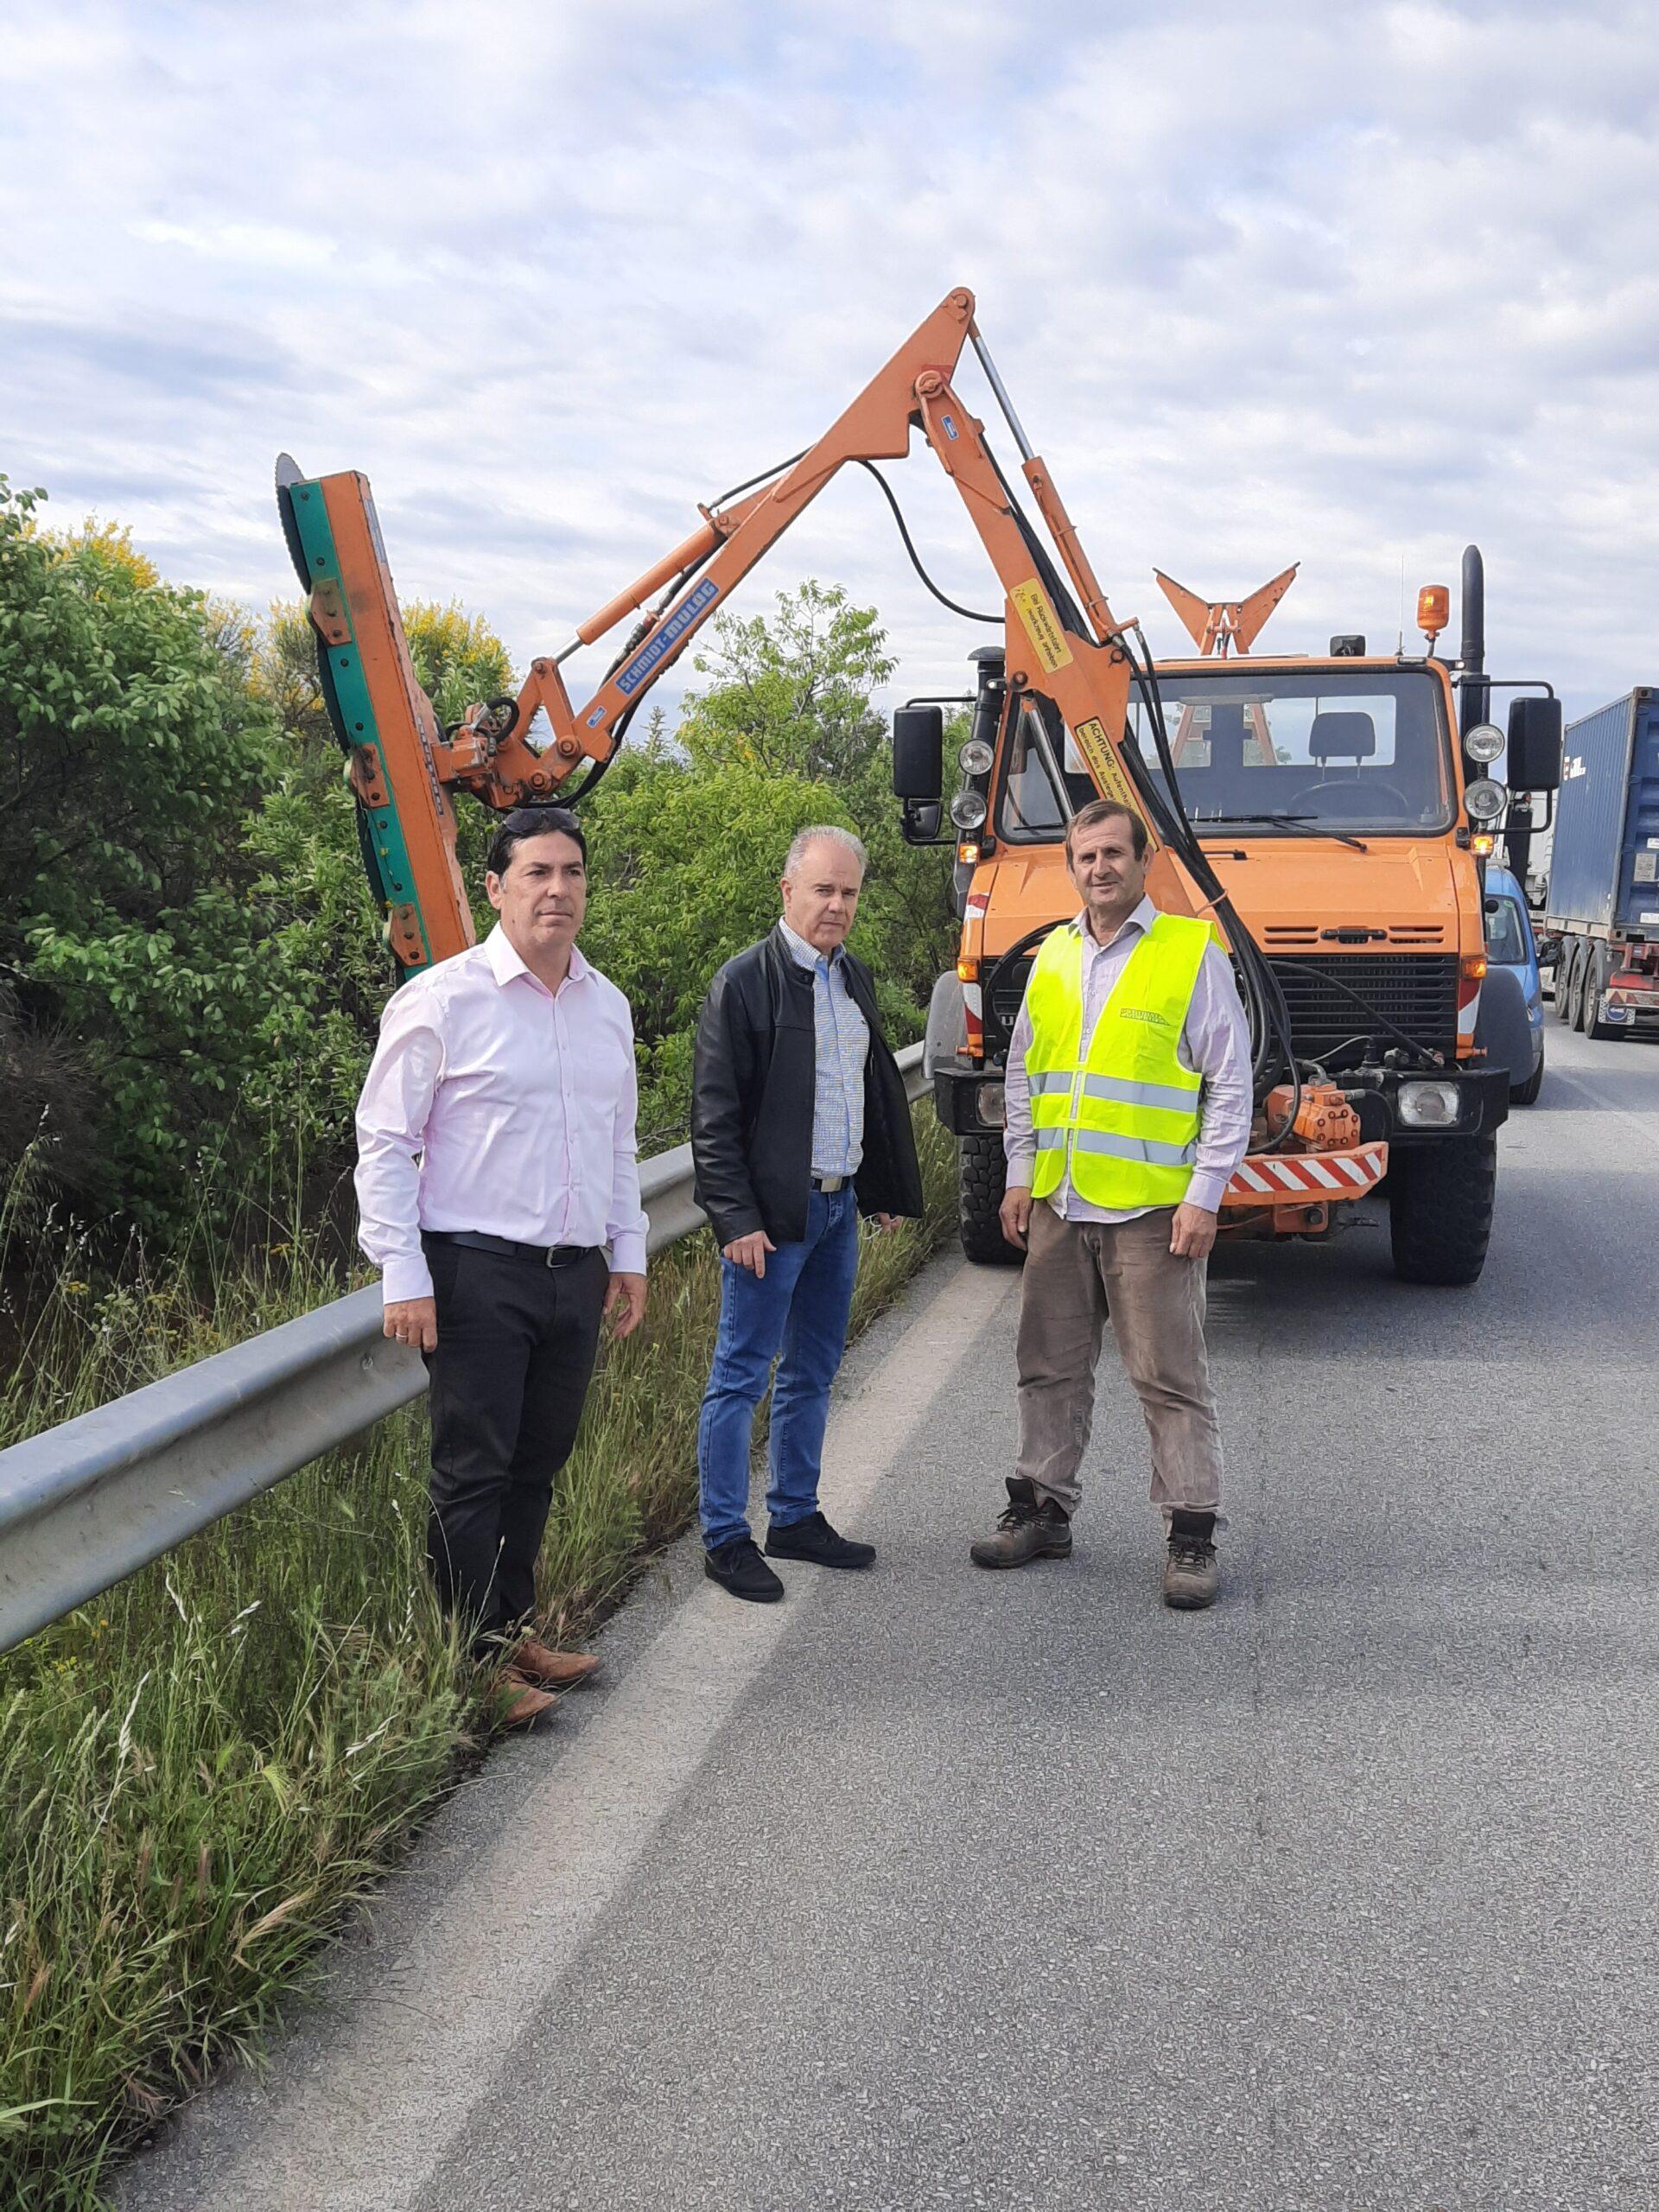 Δήμος Τεμπών: Καθαρισμός στο παράπλευρο οδικό δίκτυο της ΠΑΘΕ